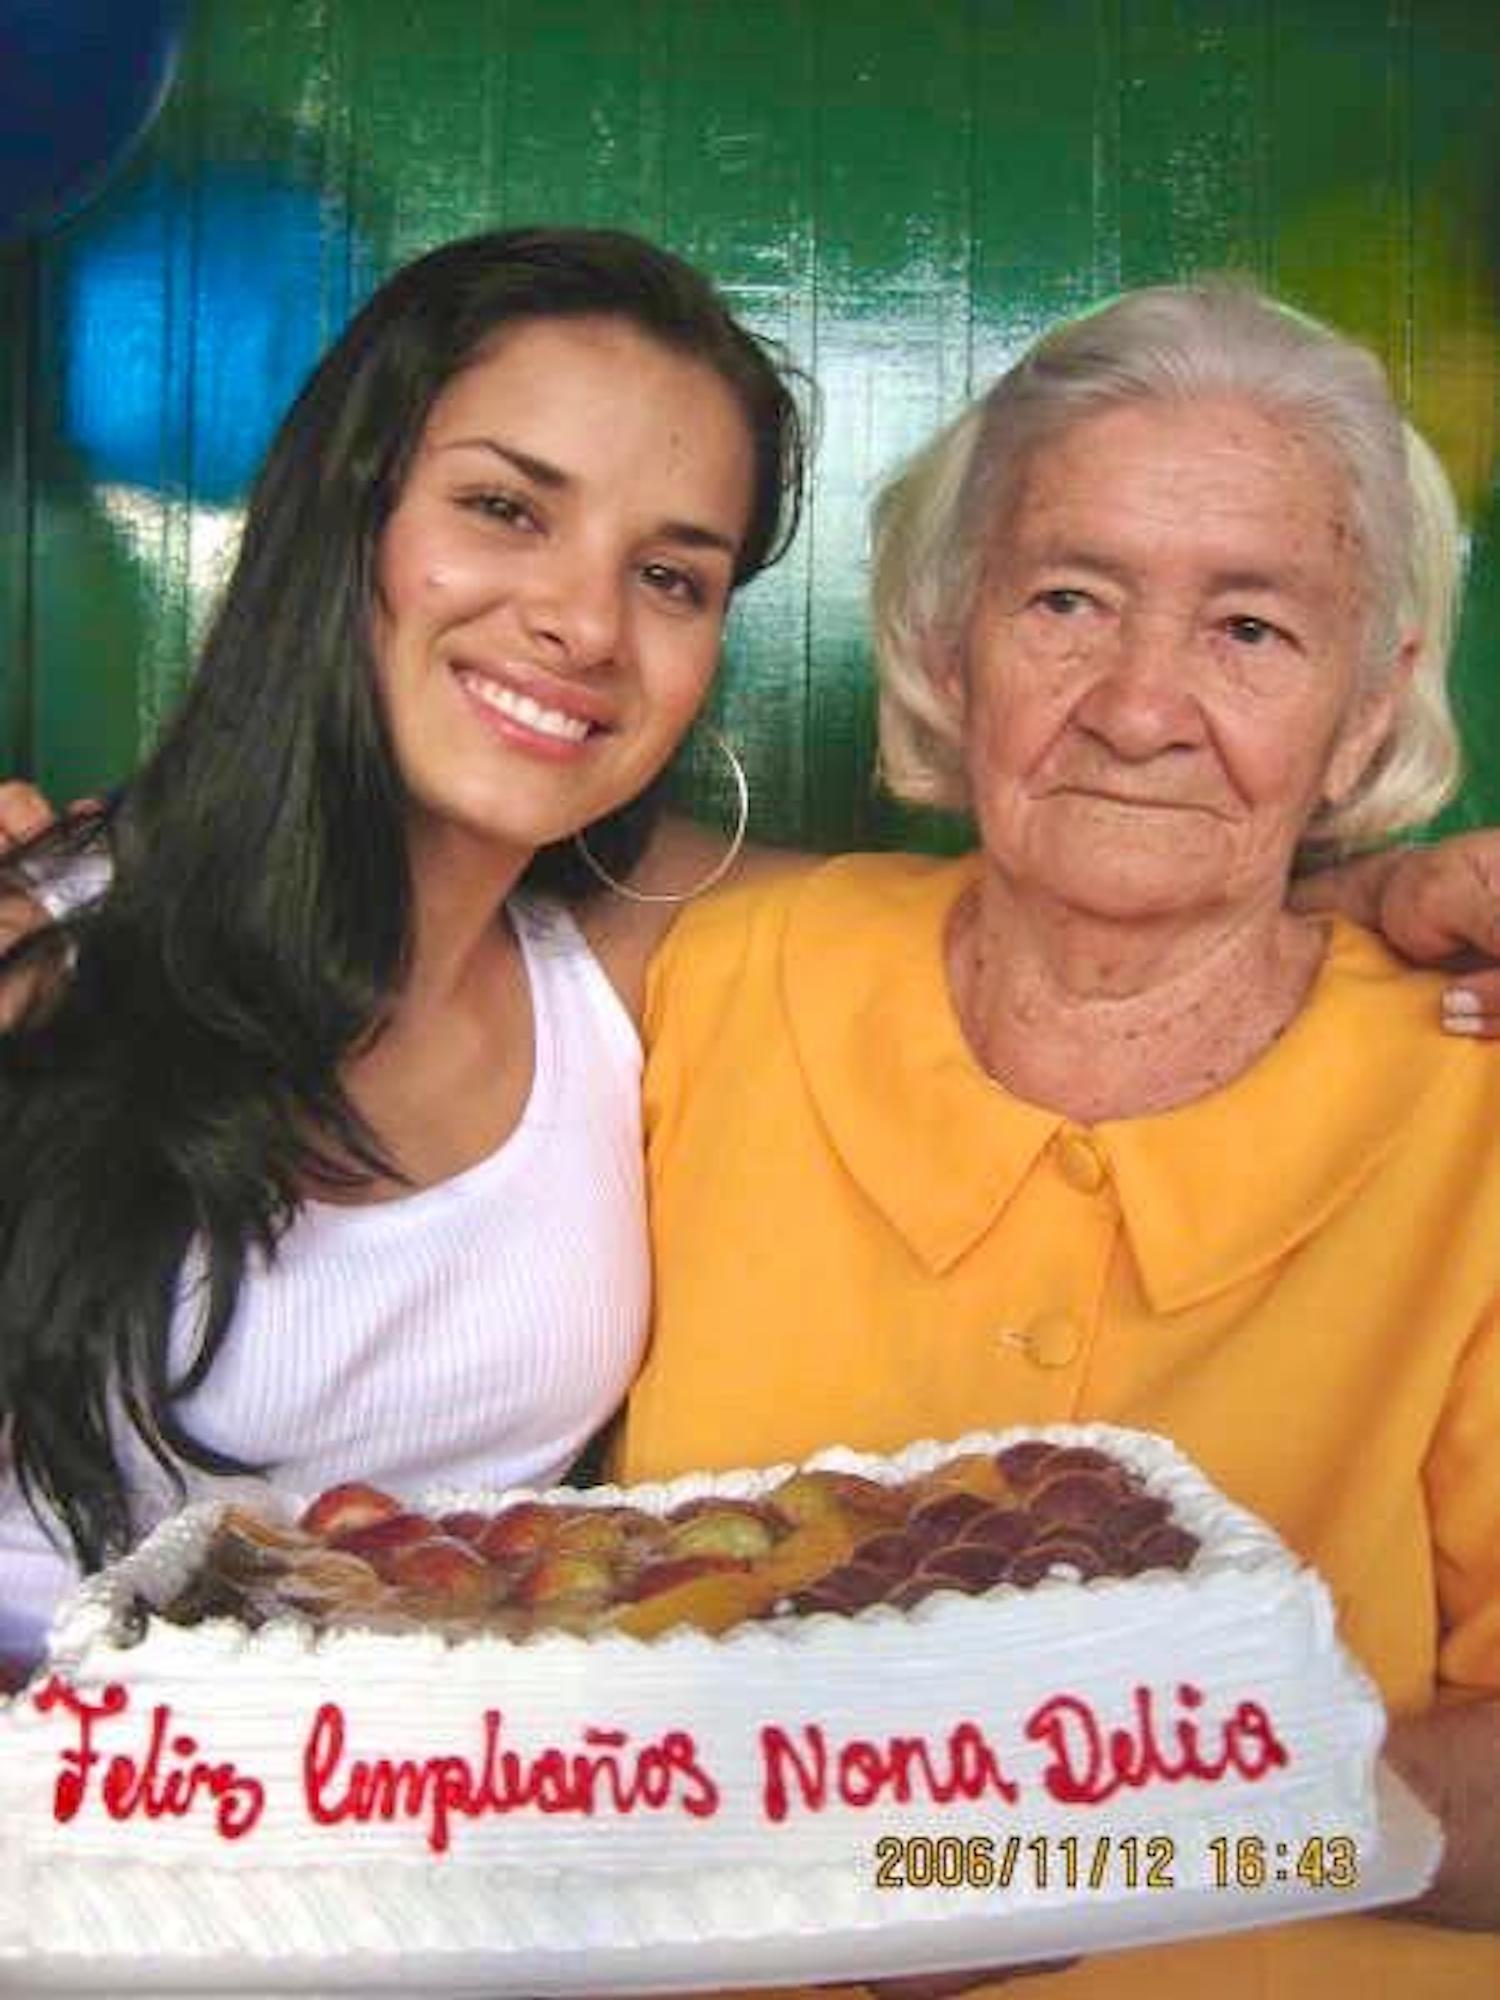 Yuly Ferreira